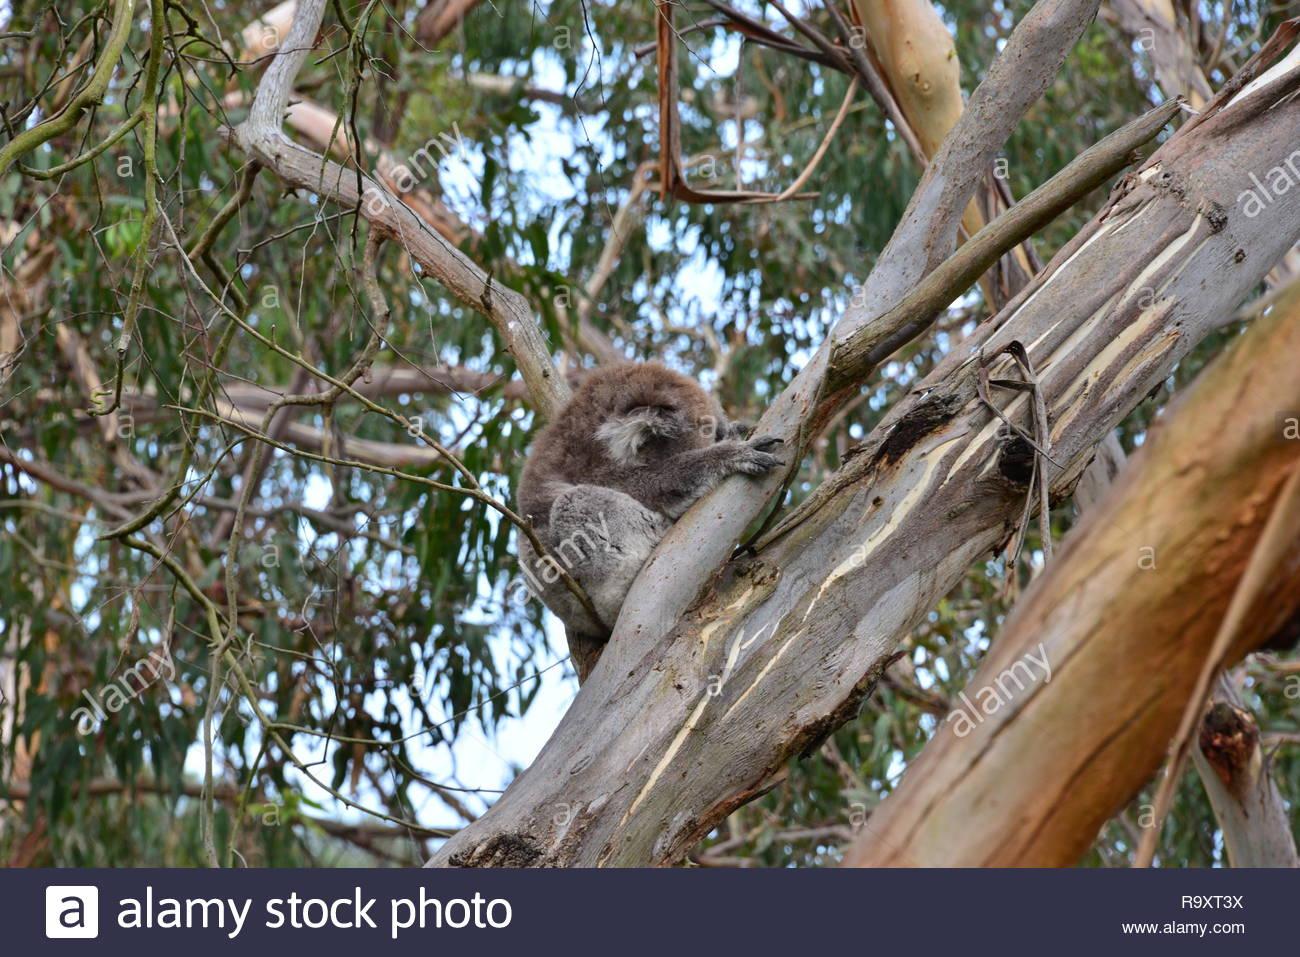 Koala on Phillip Island - Stock Image